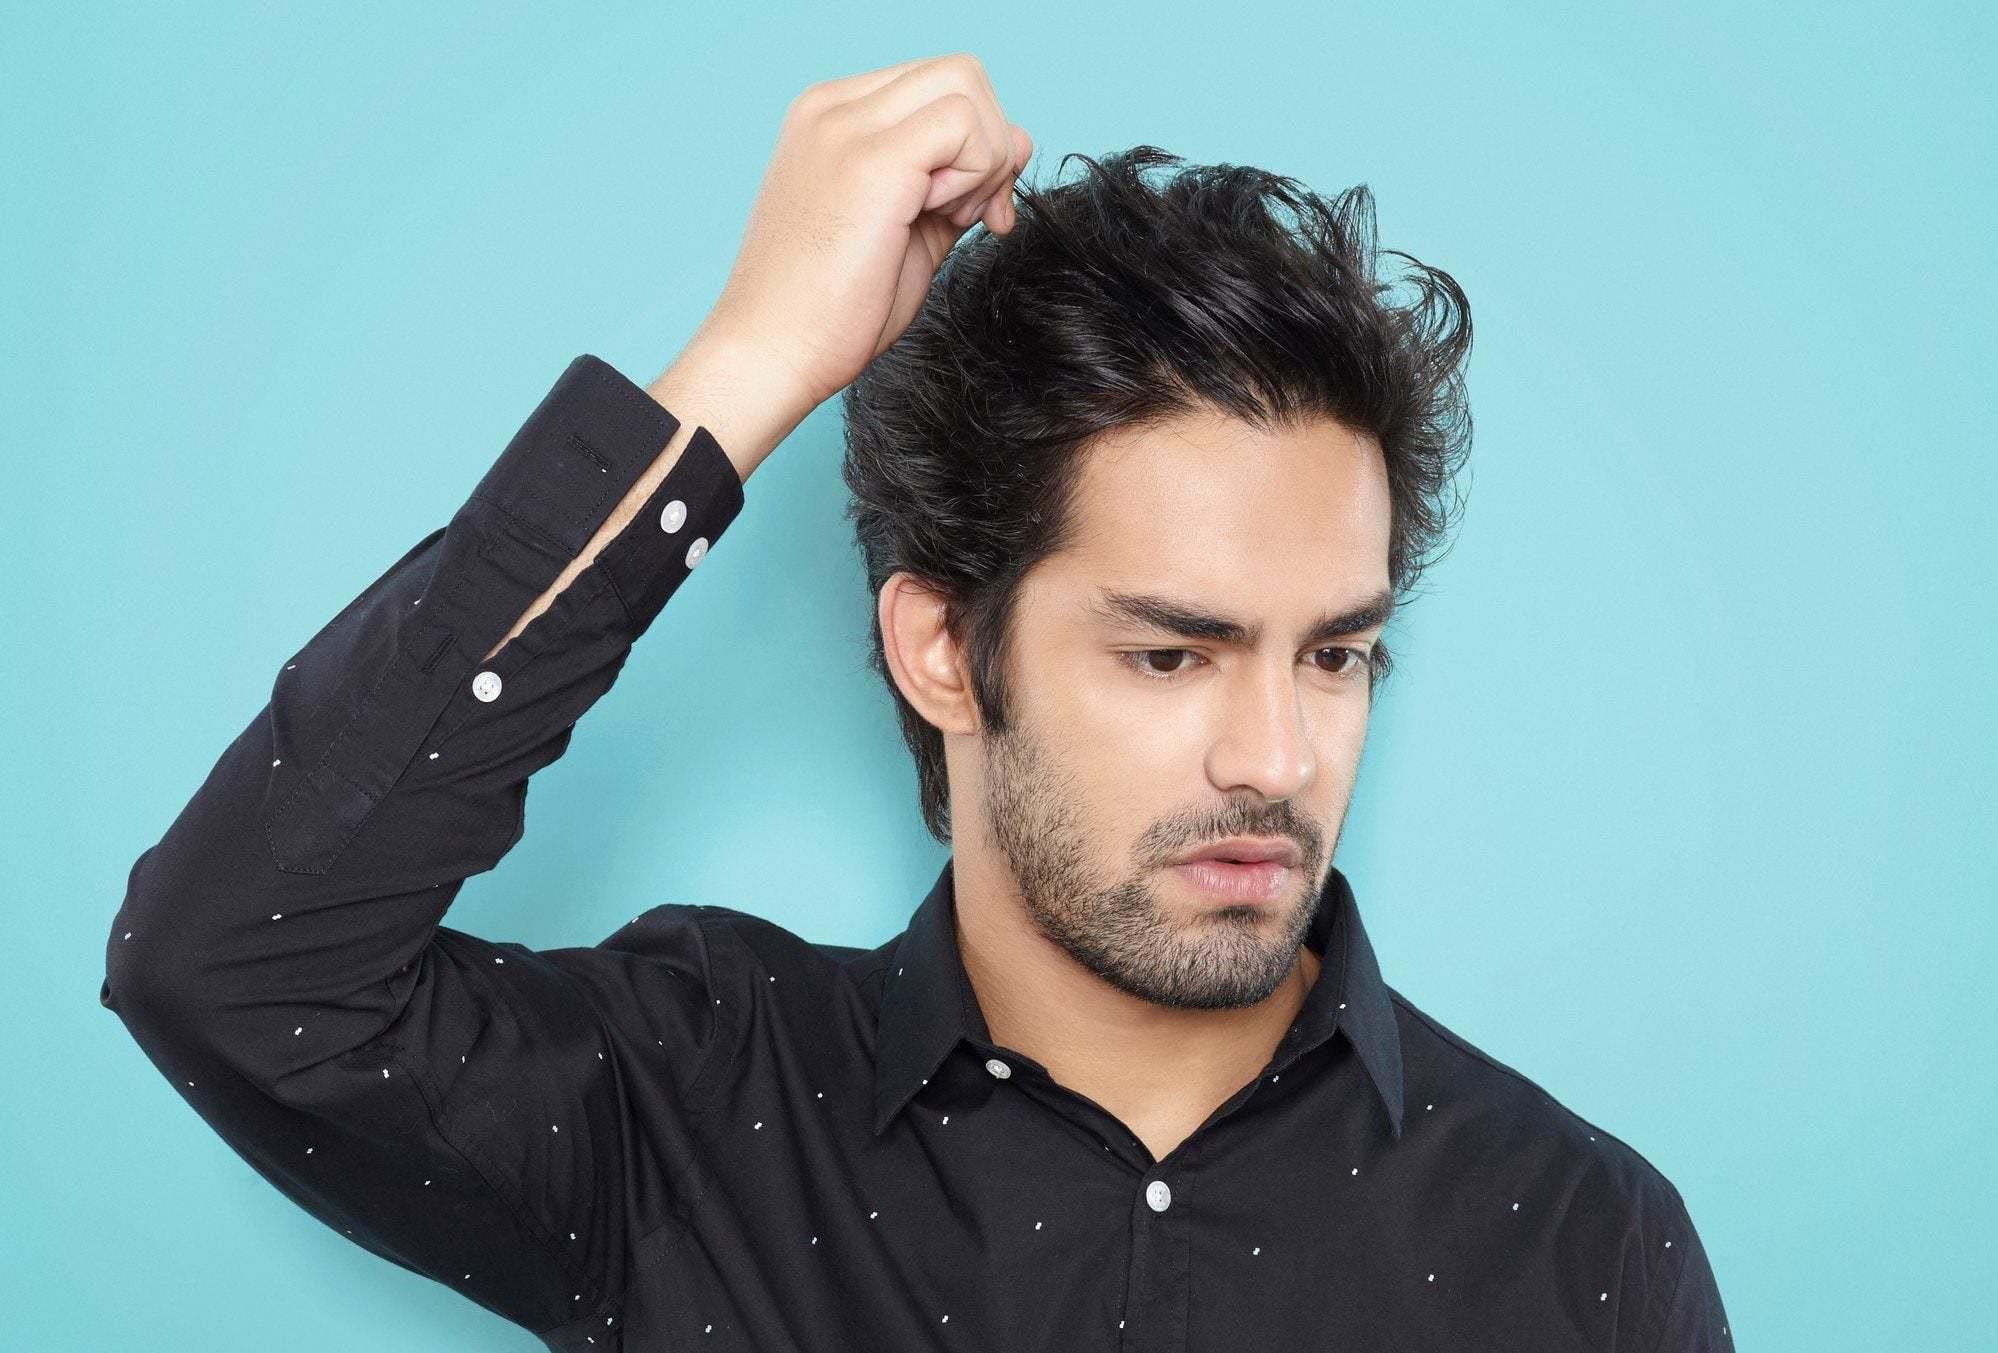 Modelo com cabelo curto bagunçado para matéria de falhas no cabelo